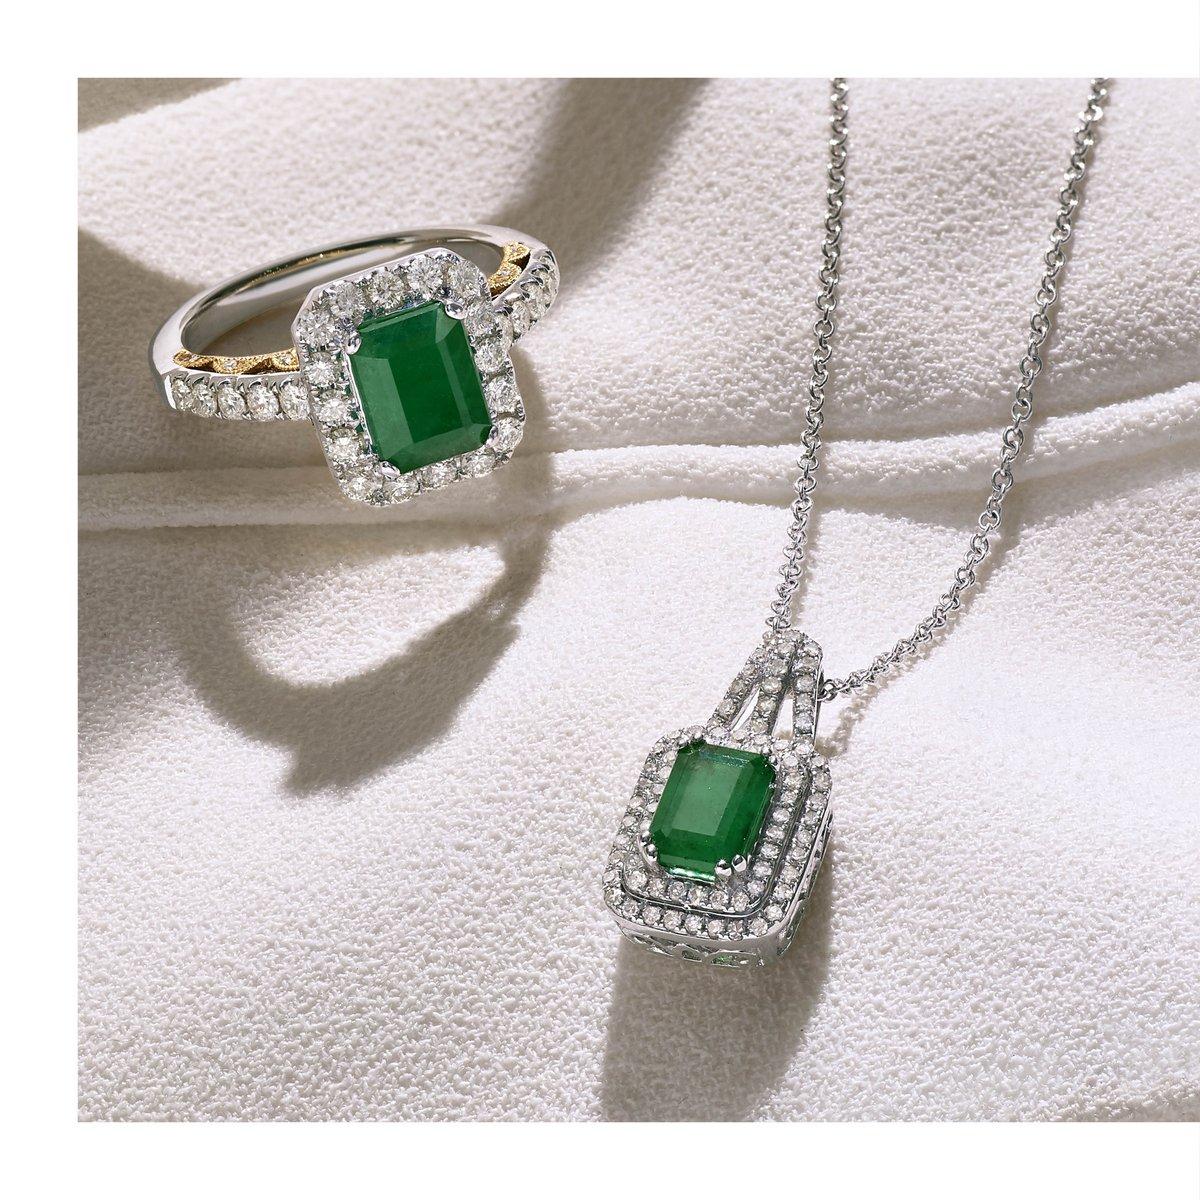 Effy Jewelry Effyjewelry Twitter